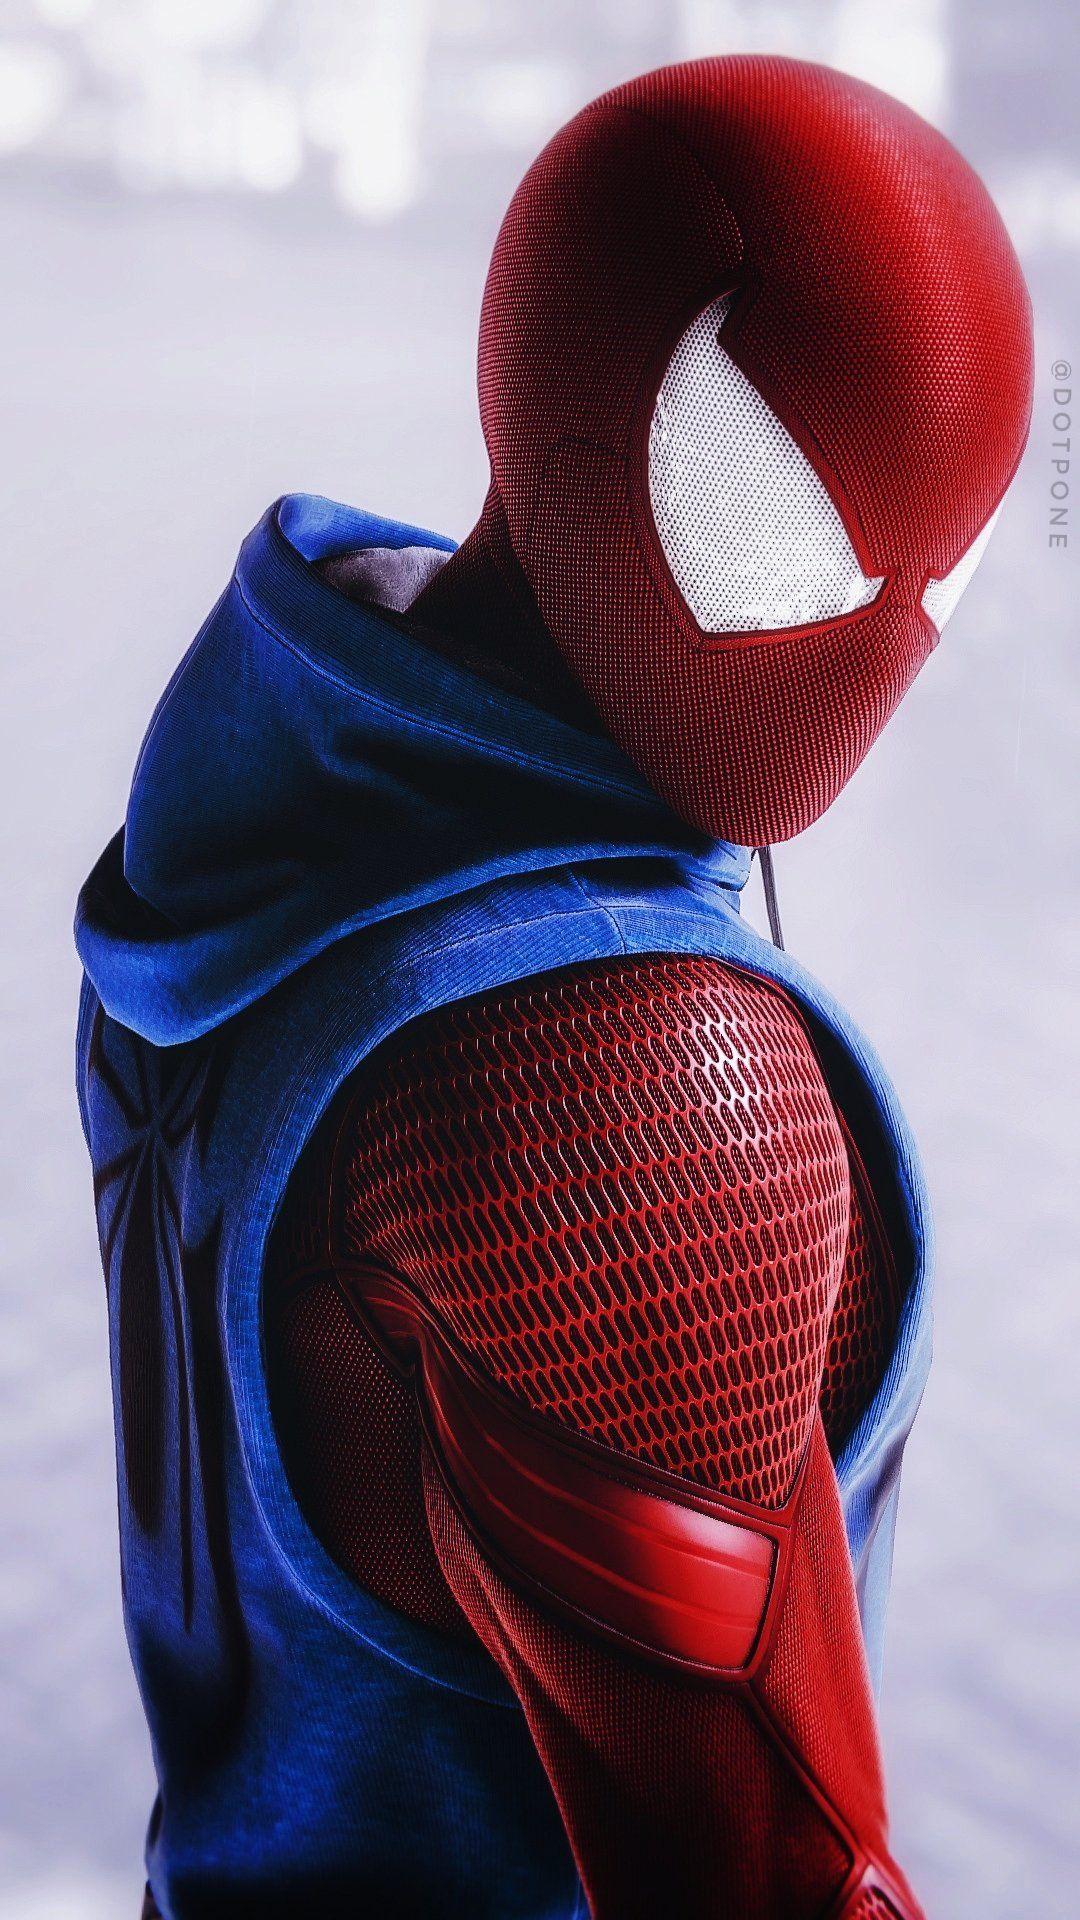 Dotpone On Twitter Spiderman Spider Scarlet Spider